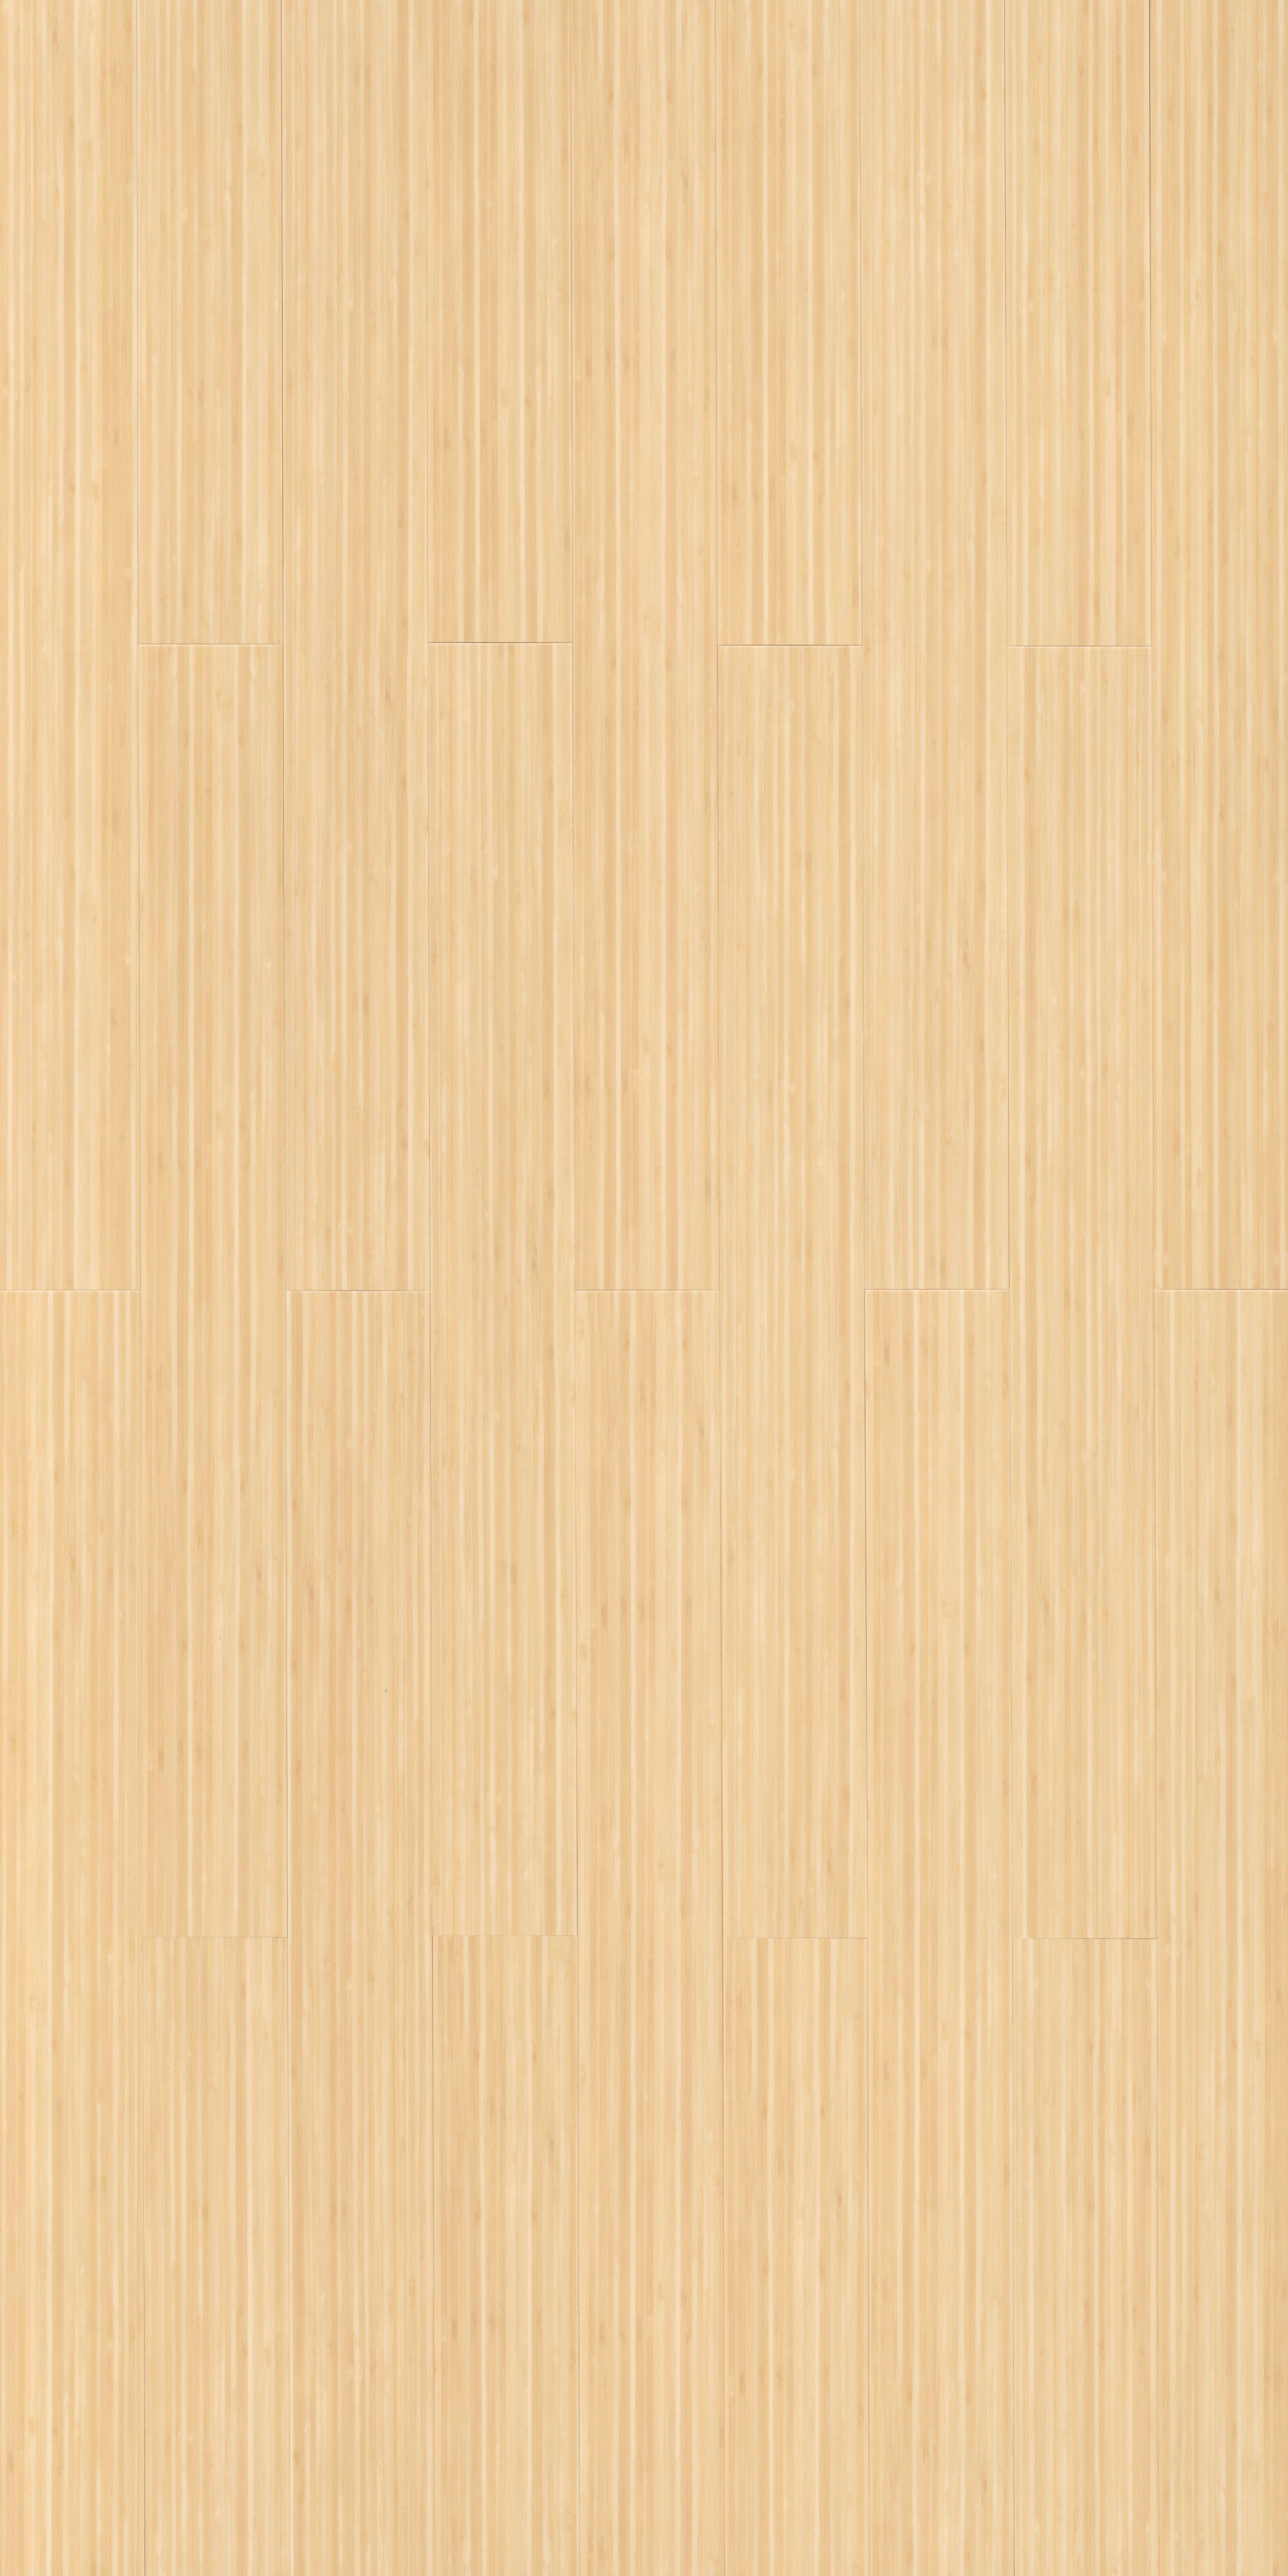 Free texture light wood wood new lugher texture - Tiles Textures Light Wood Recherche Google